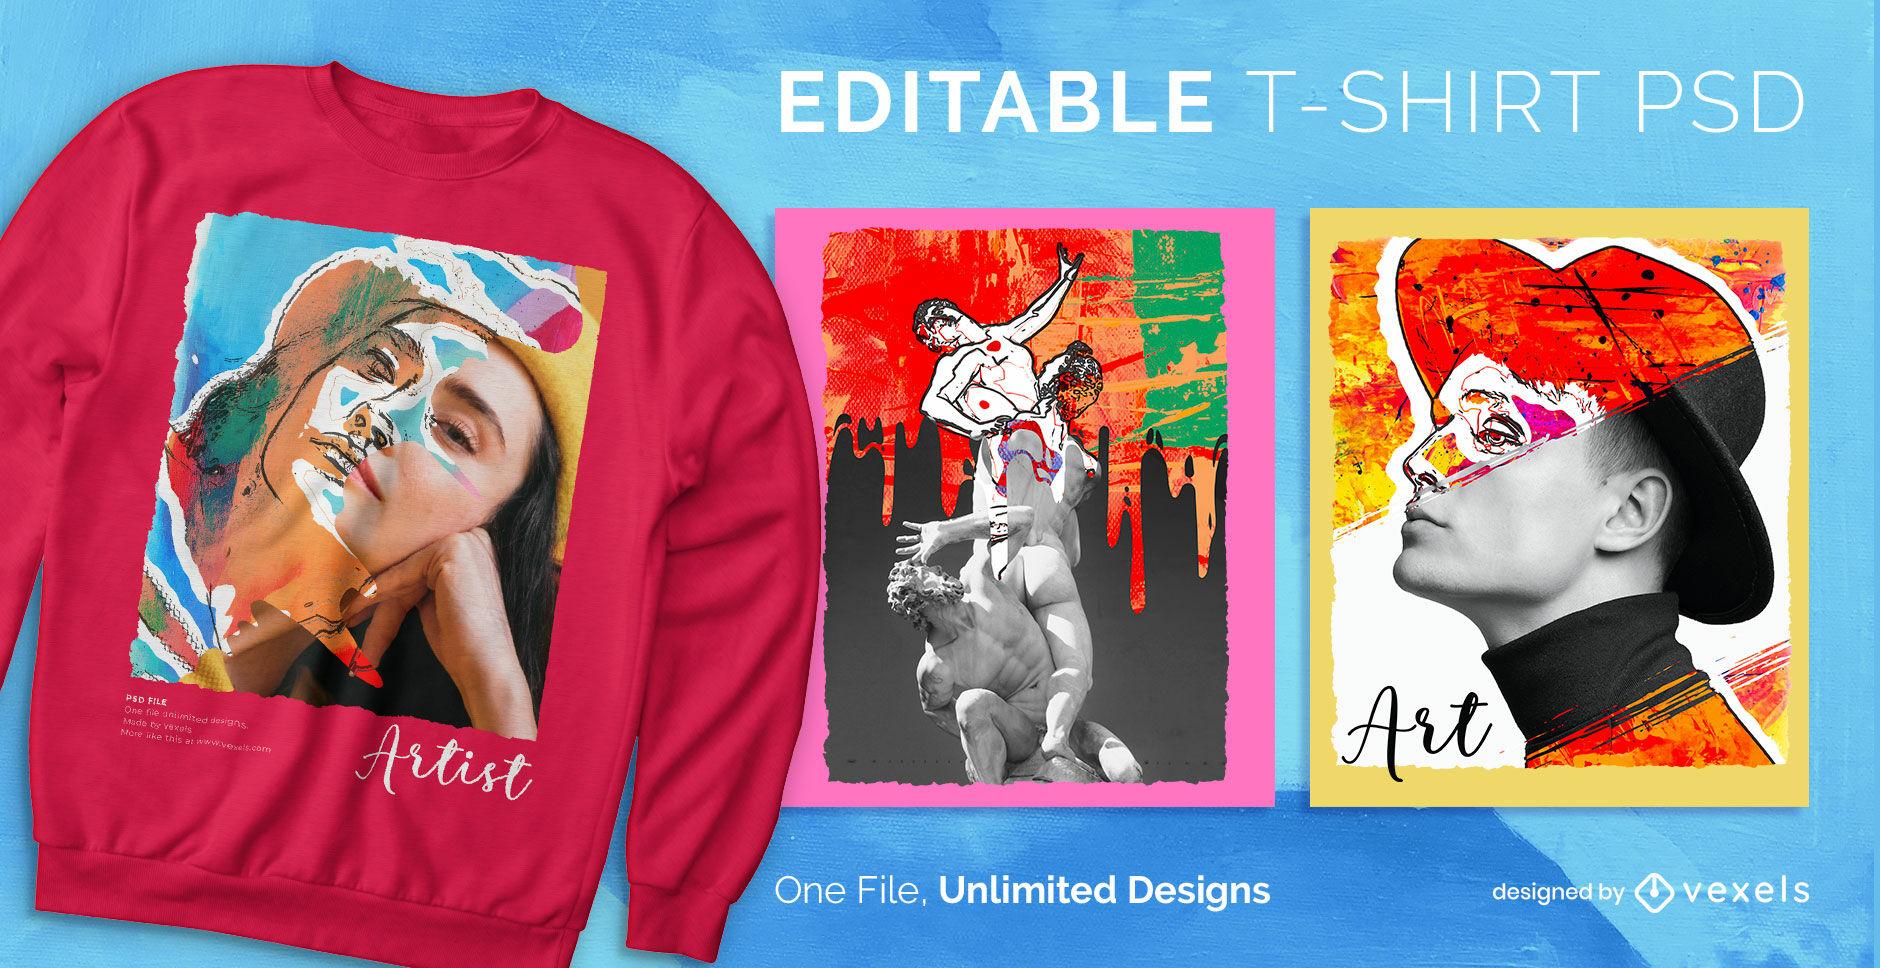 Diseño de camiseta psd con efecto de fotografía y pintura.